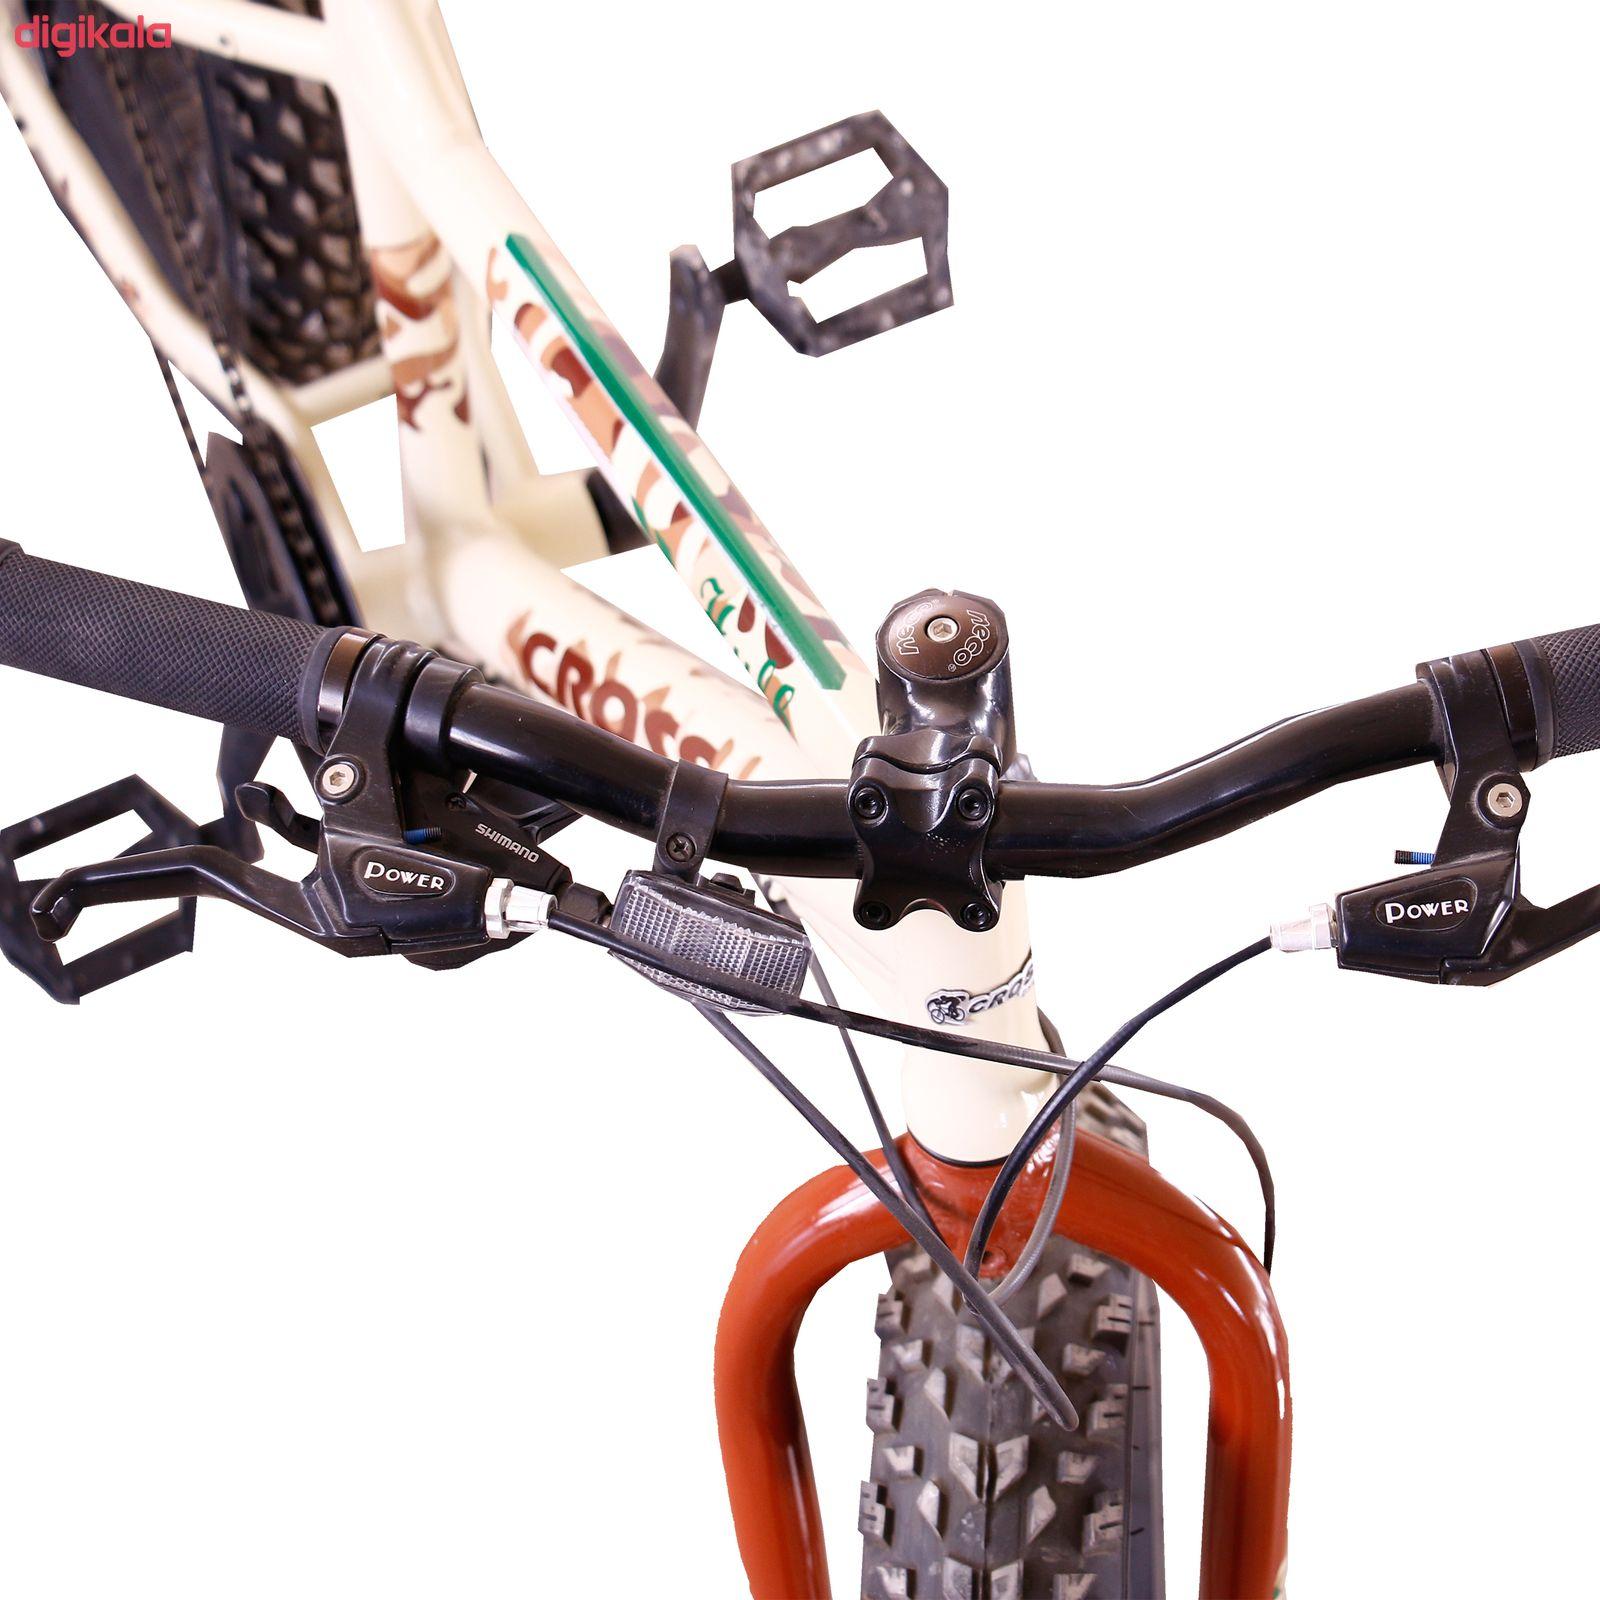 دوچرخه کوهستان کراس مدل HULK  main 1 2